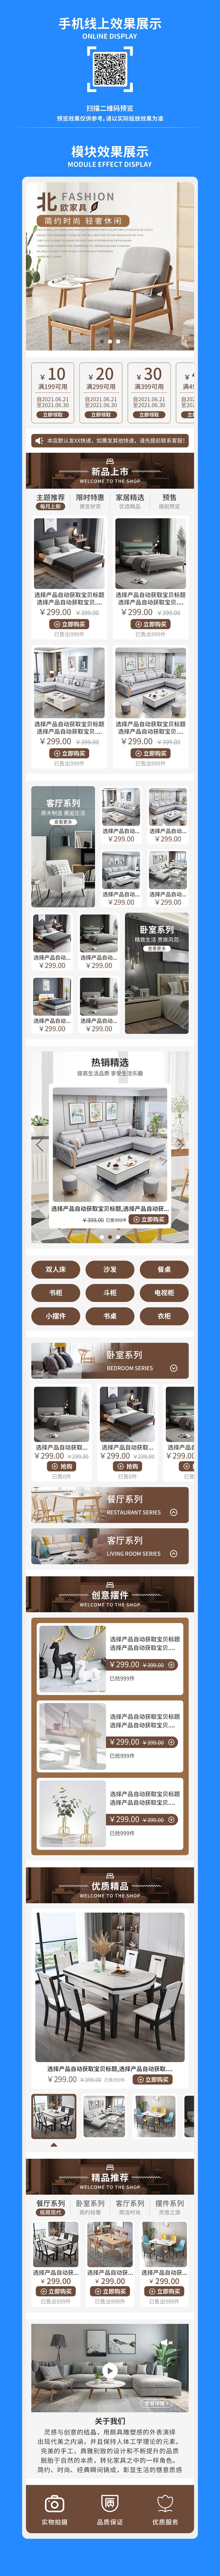 079家居家具智慧零售-第二屏介绍.jpg